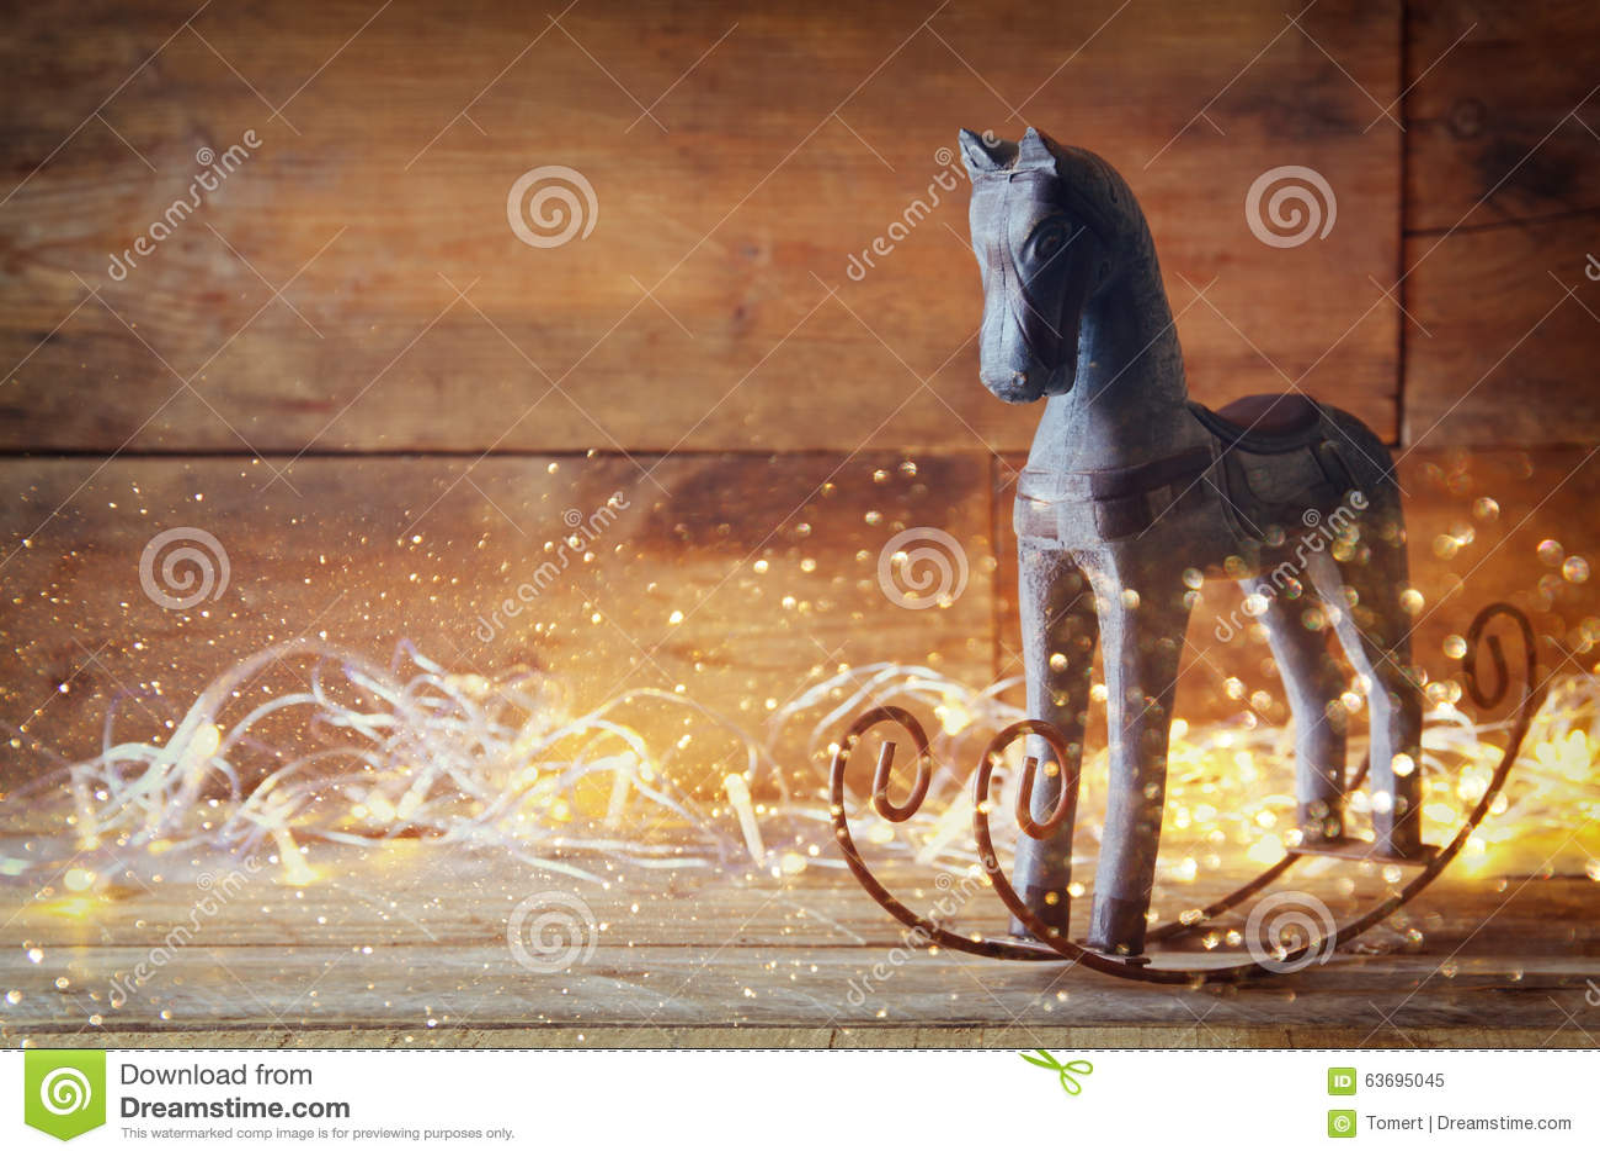 Immagine delle luci di natale di magia e del cavallo a dondolo sulla